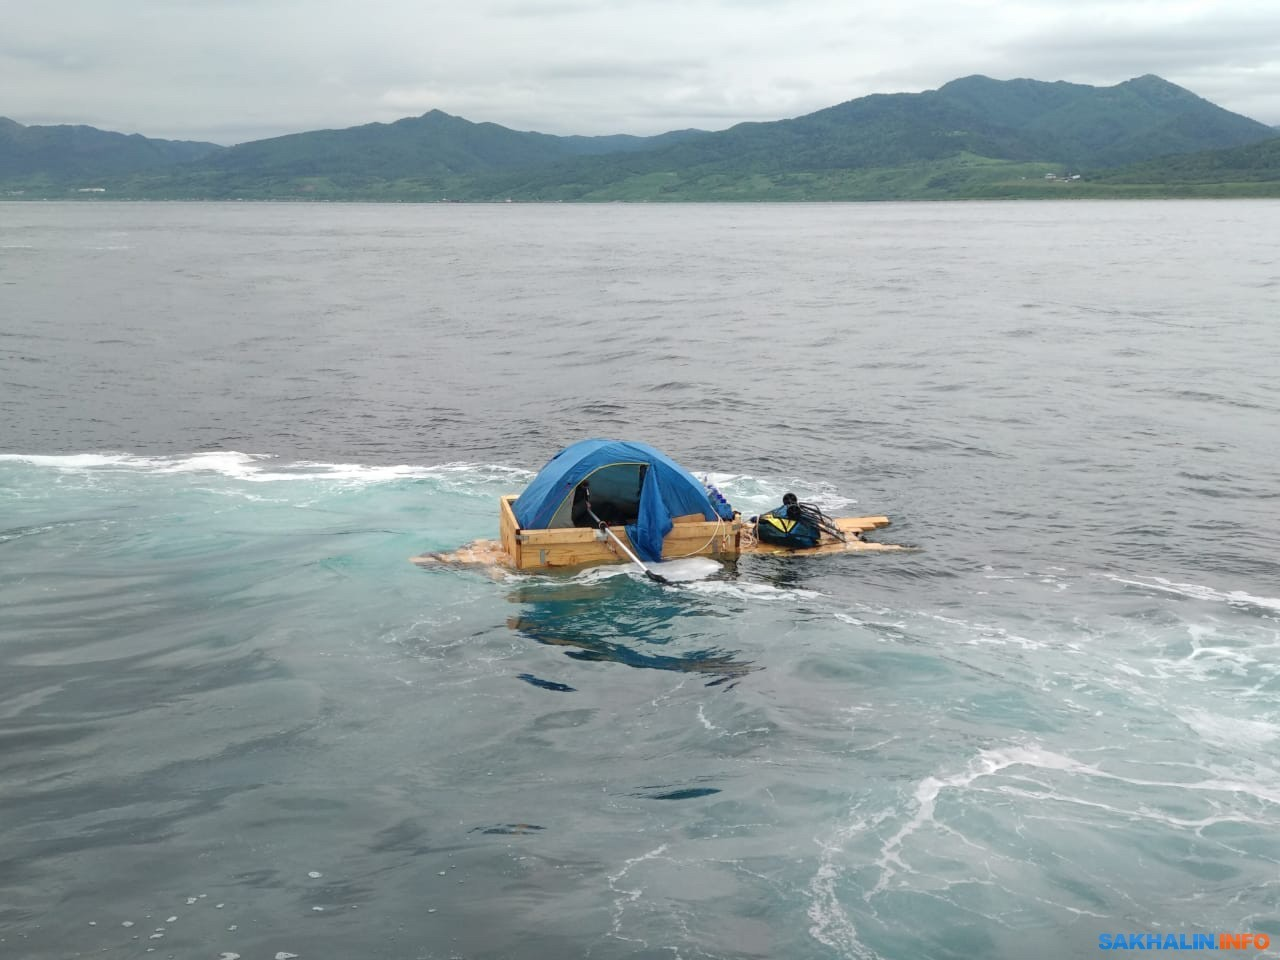 Житель села Правда хотел уплыть в Японию на самодельной лодке (Иллюстрация 1 из 1) (Фото: с сайта sakhalin.info)